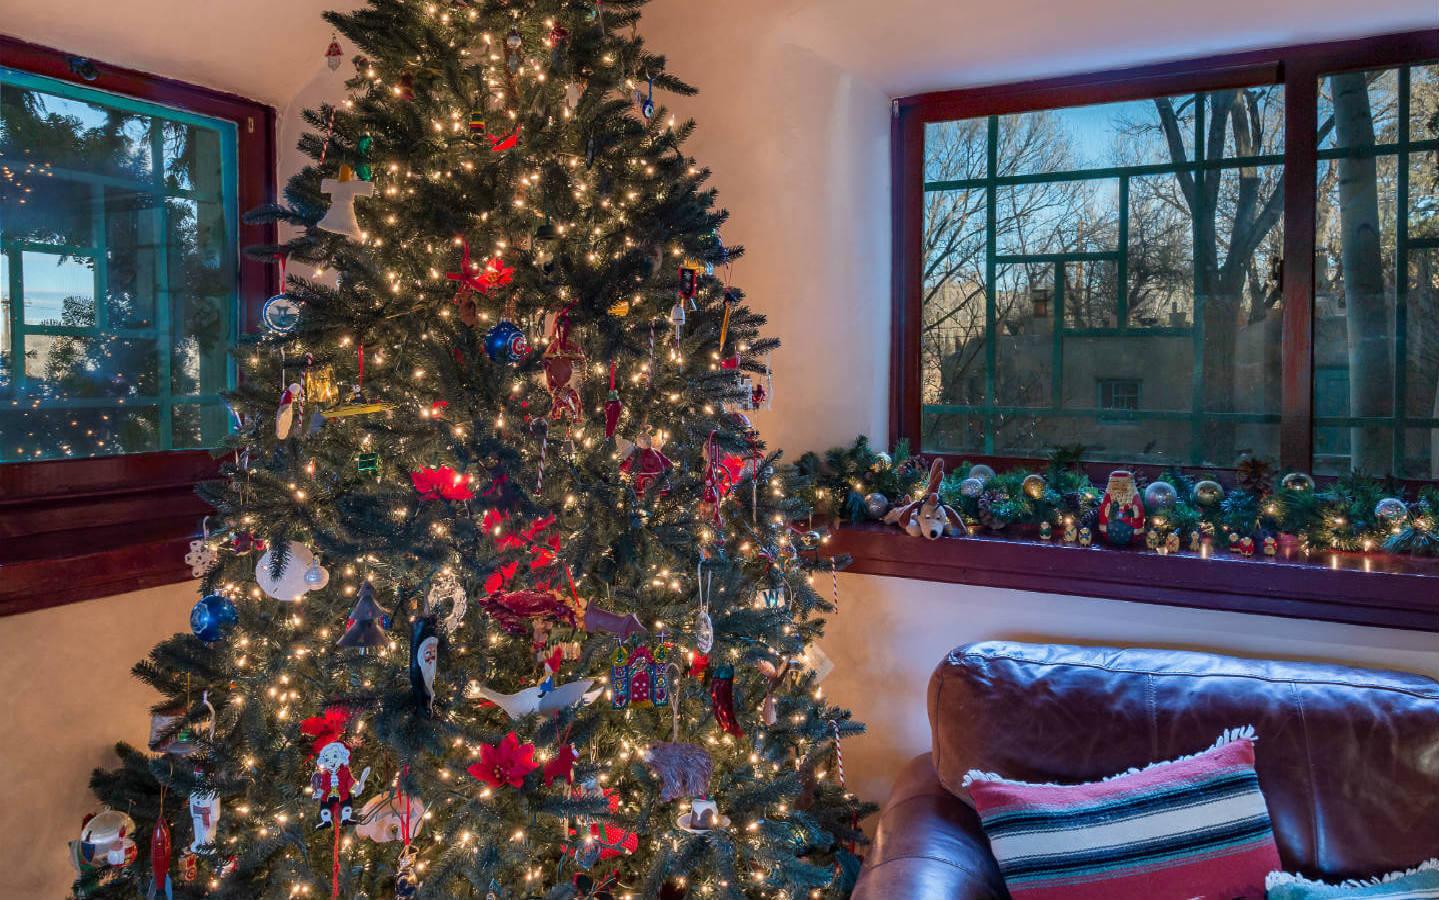 Christmas Tree in Inn's living room